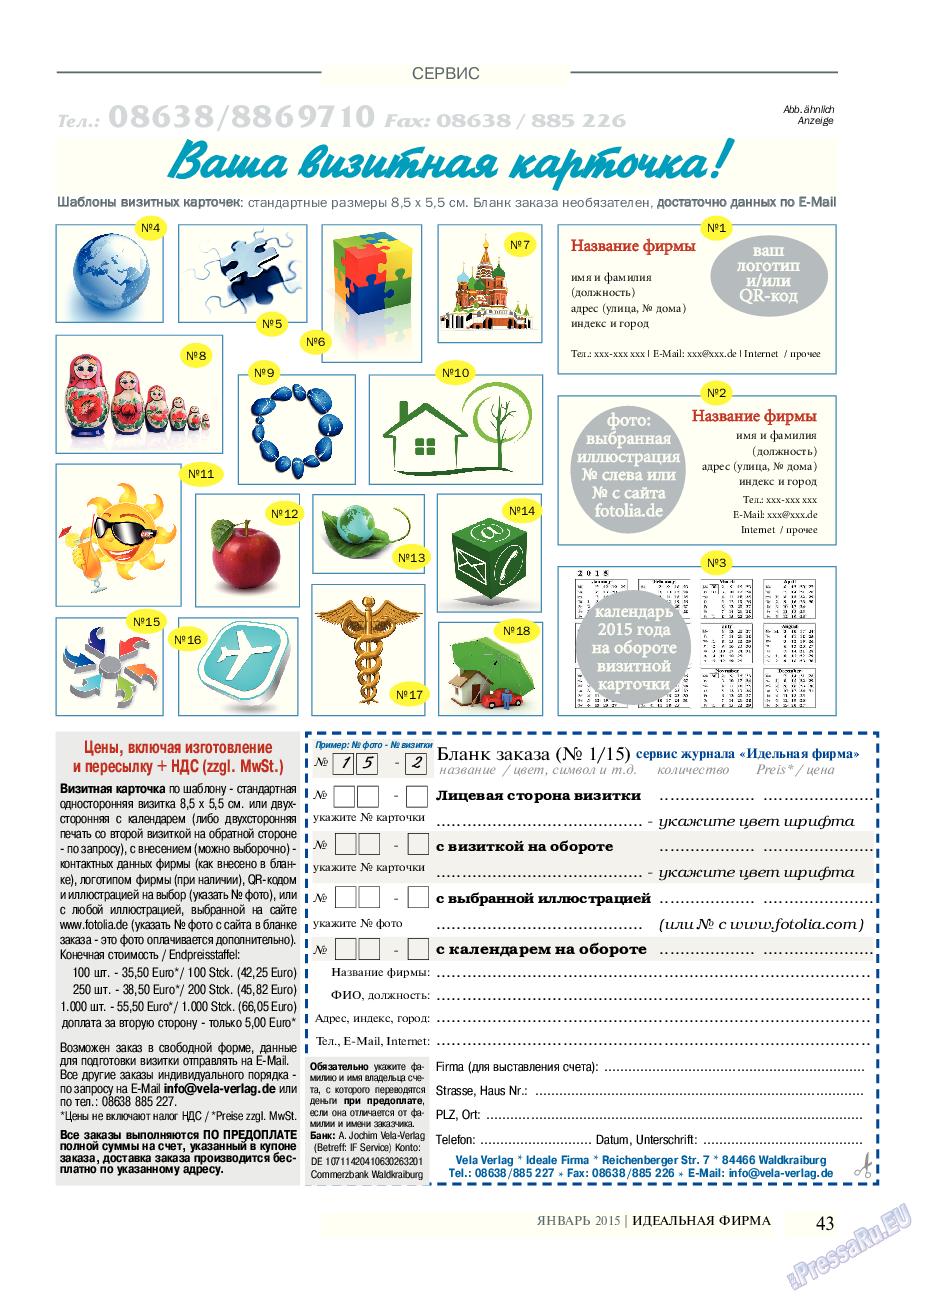 Идеальная фирма (журнал). 2015 год, номер 1, стр. 43